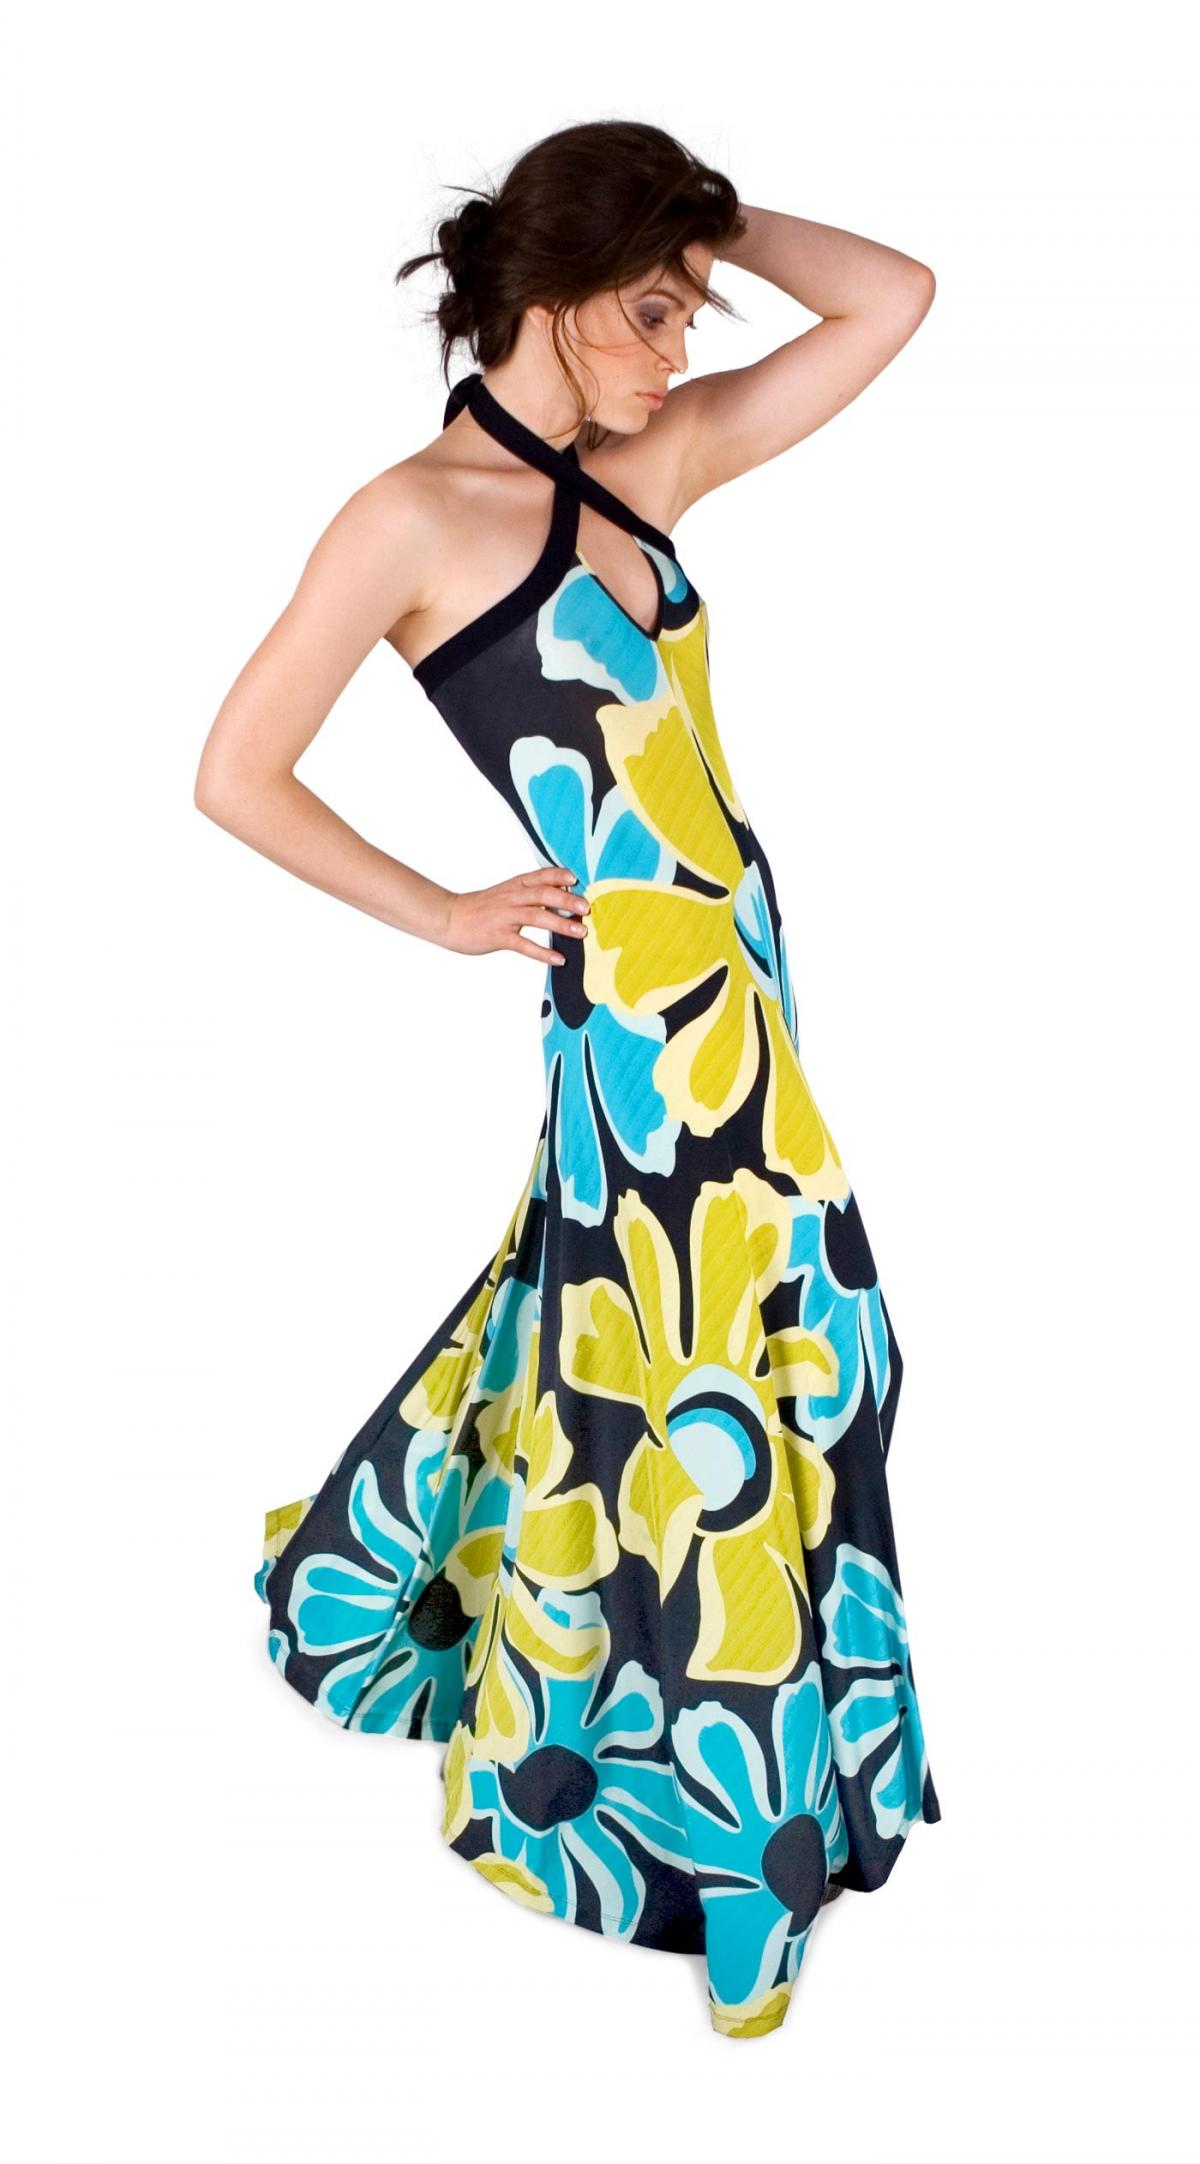 Wiosenno-letnie sukienki i spódnice Solar - zdjęcie